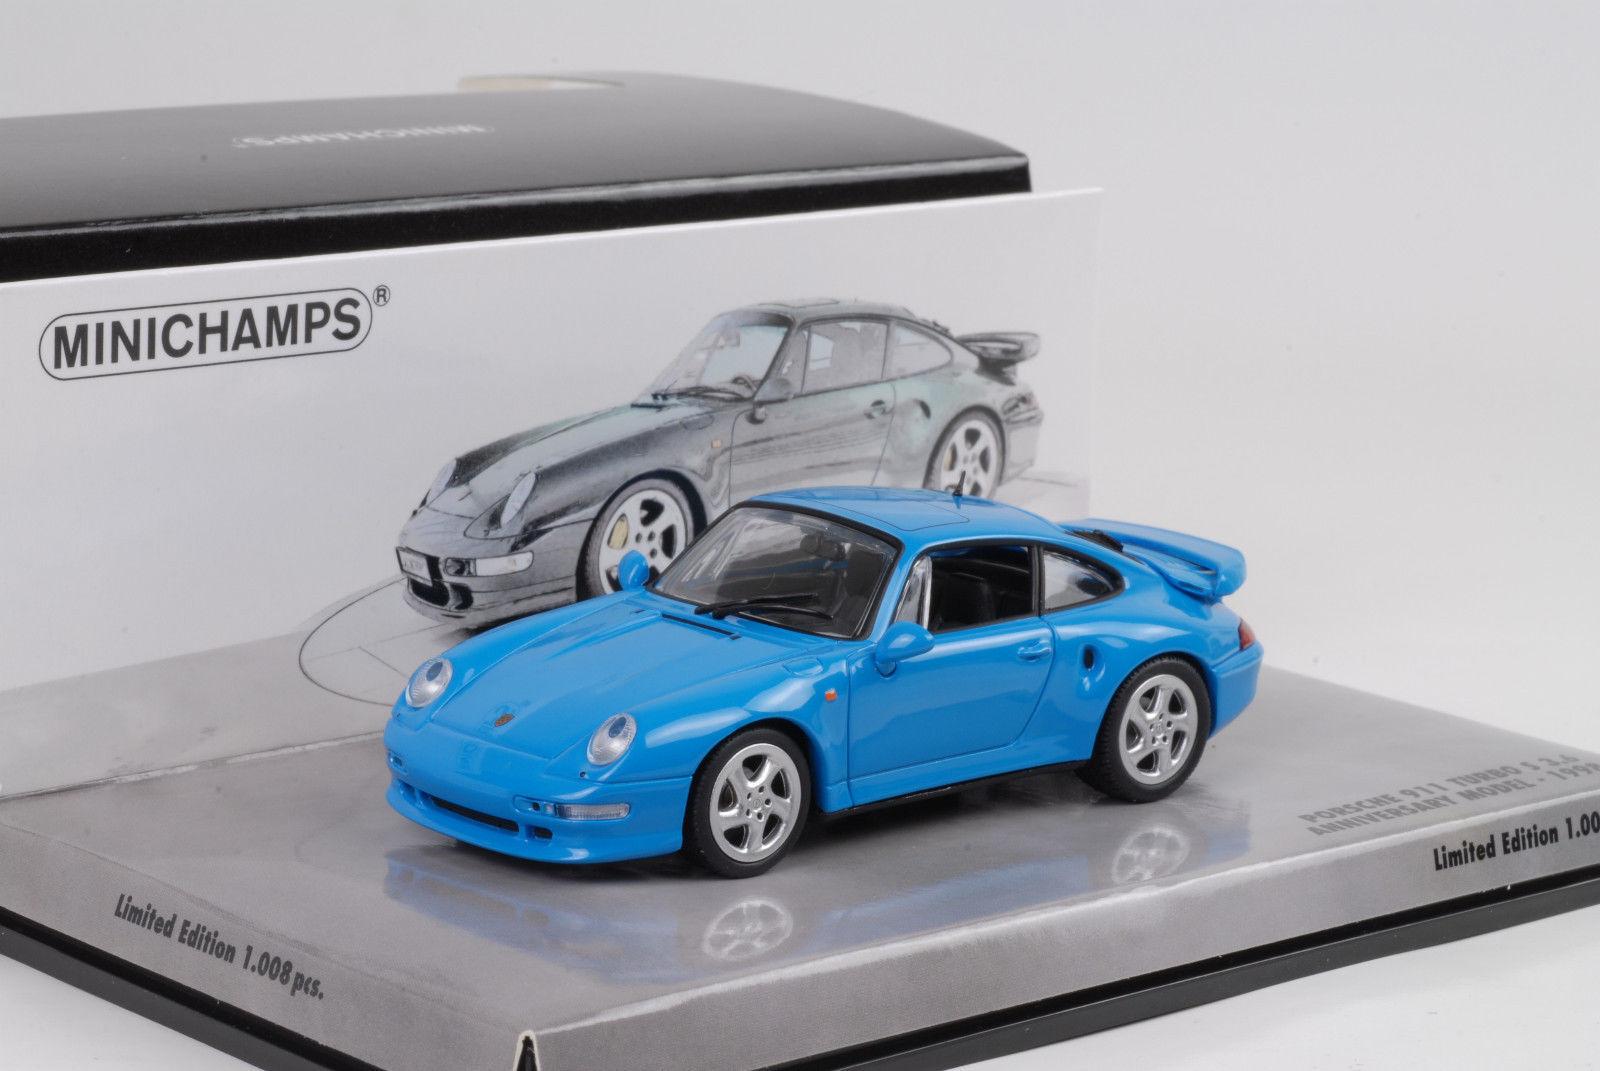 Minichamps Porsche  Turbo S 3.6 Azul aniversario edición limitada de  1008 un. Rara